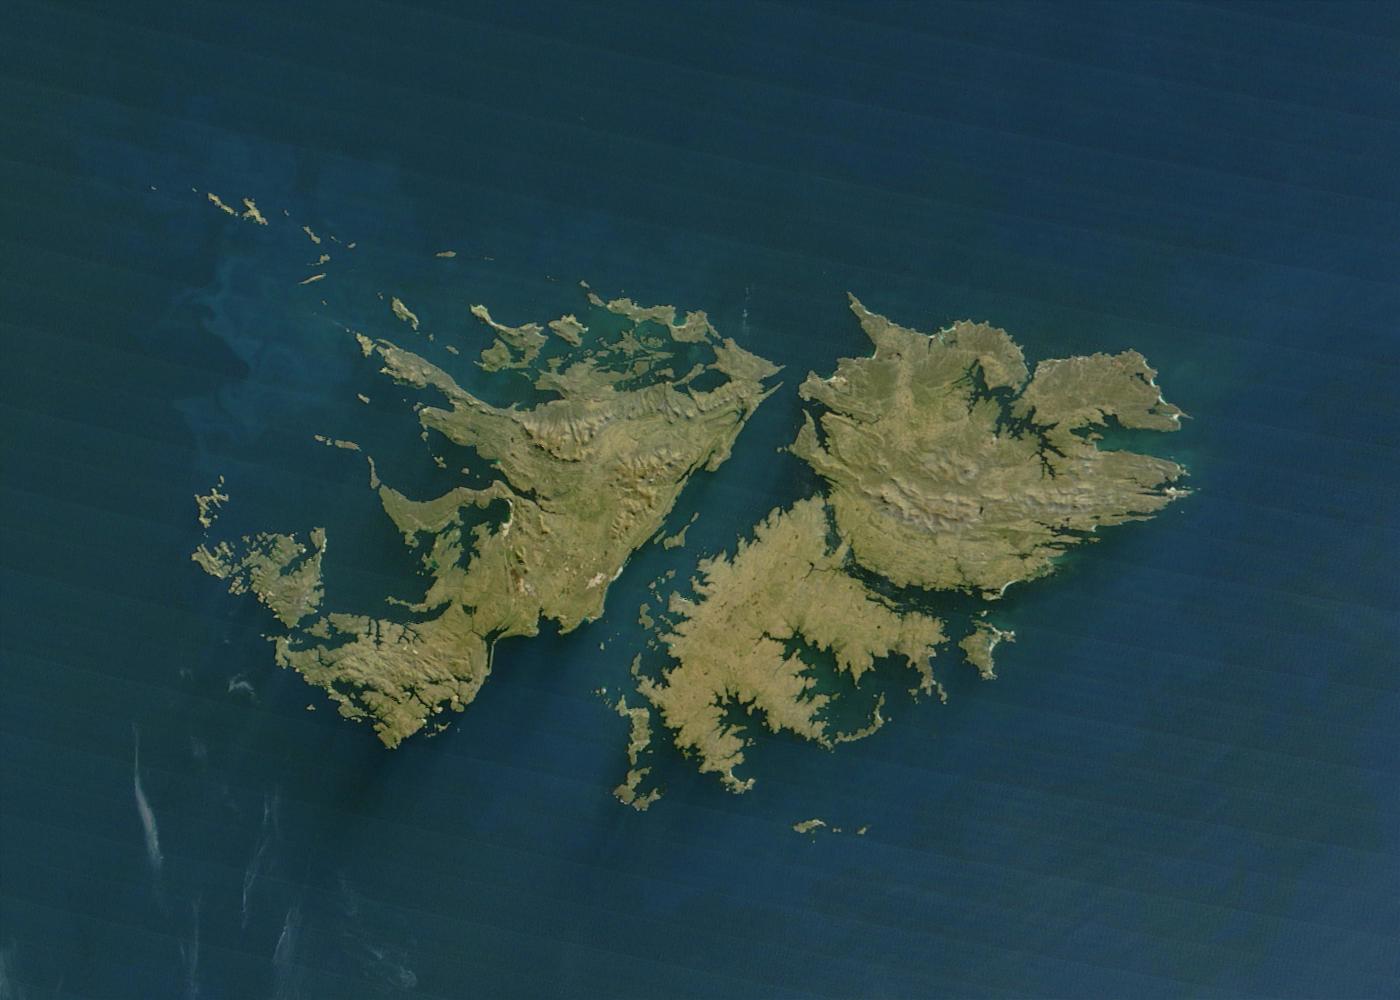 Falklandsko otočje